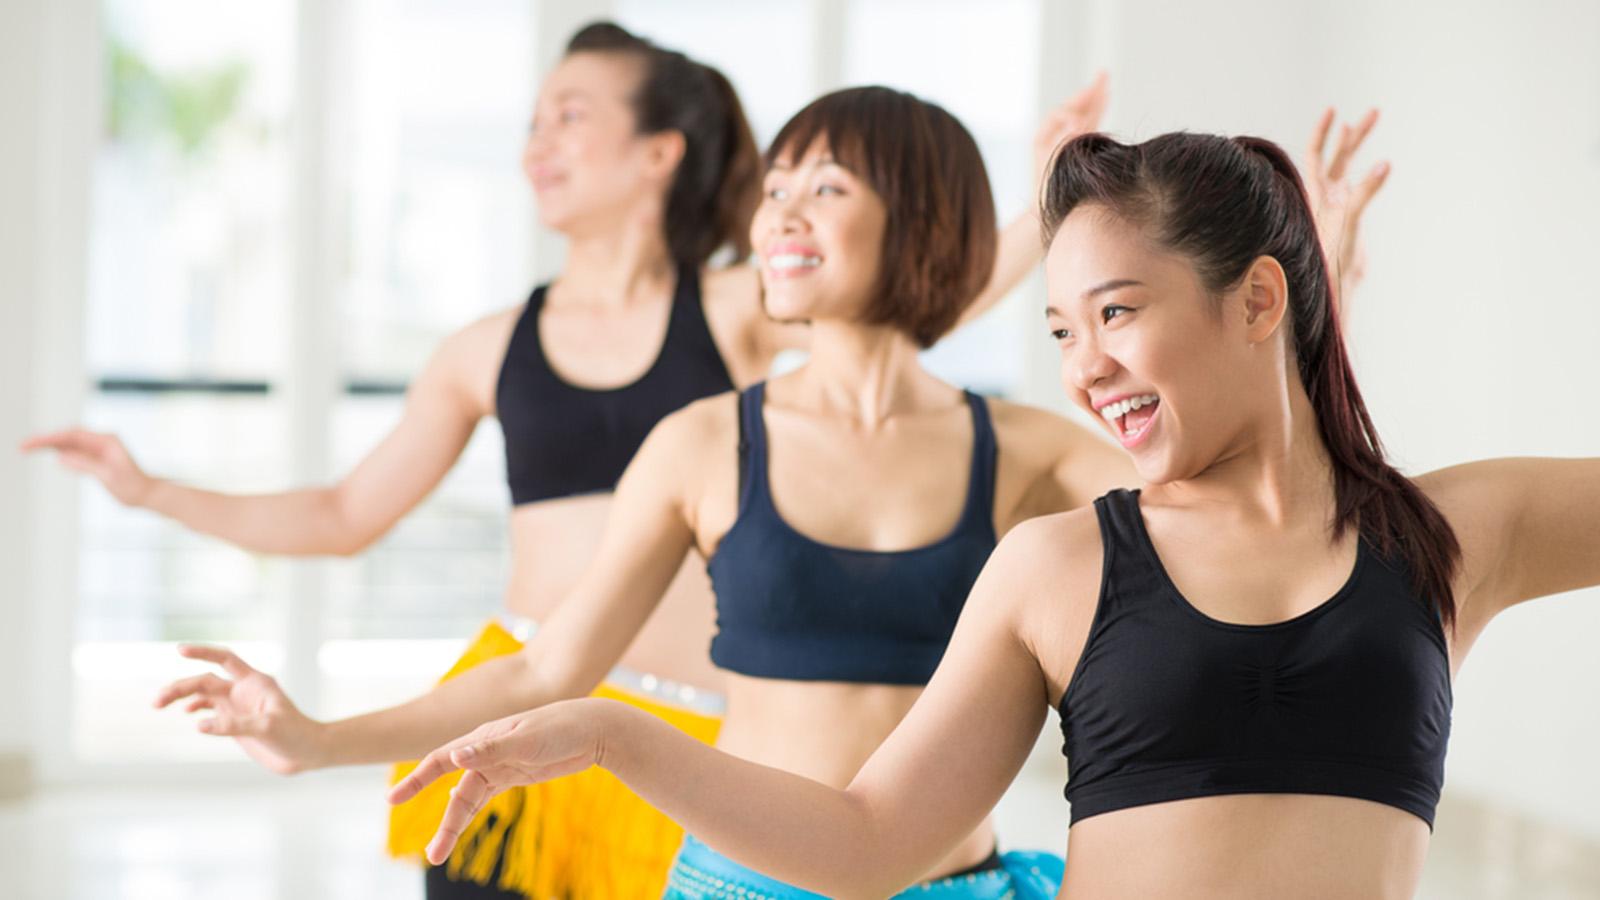 ベリーダンスダイエットでくびれ作り!女性らしいスタイルを効率よく手に入れる方法